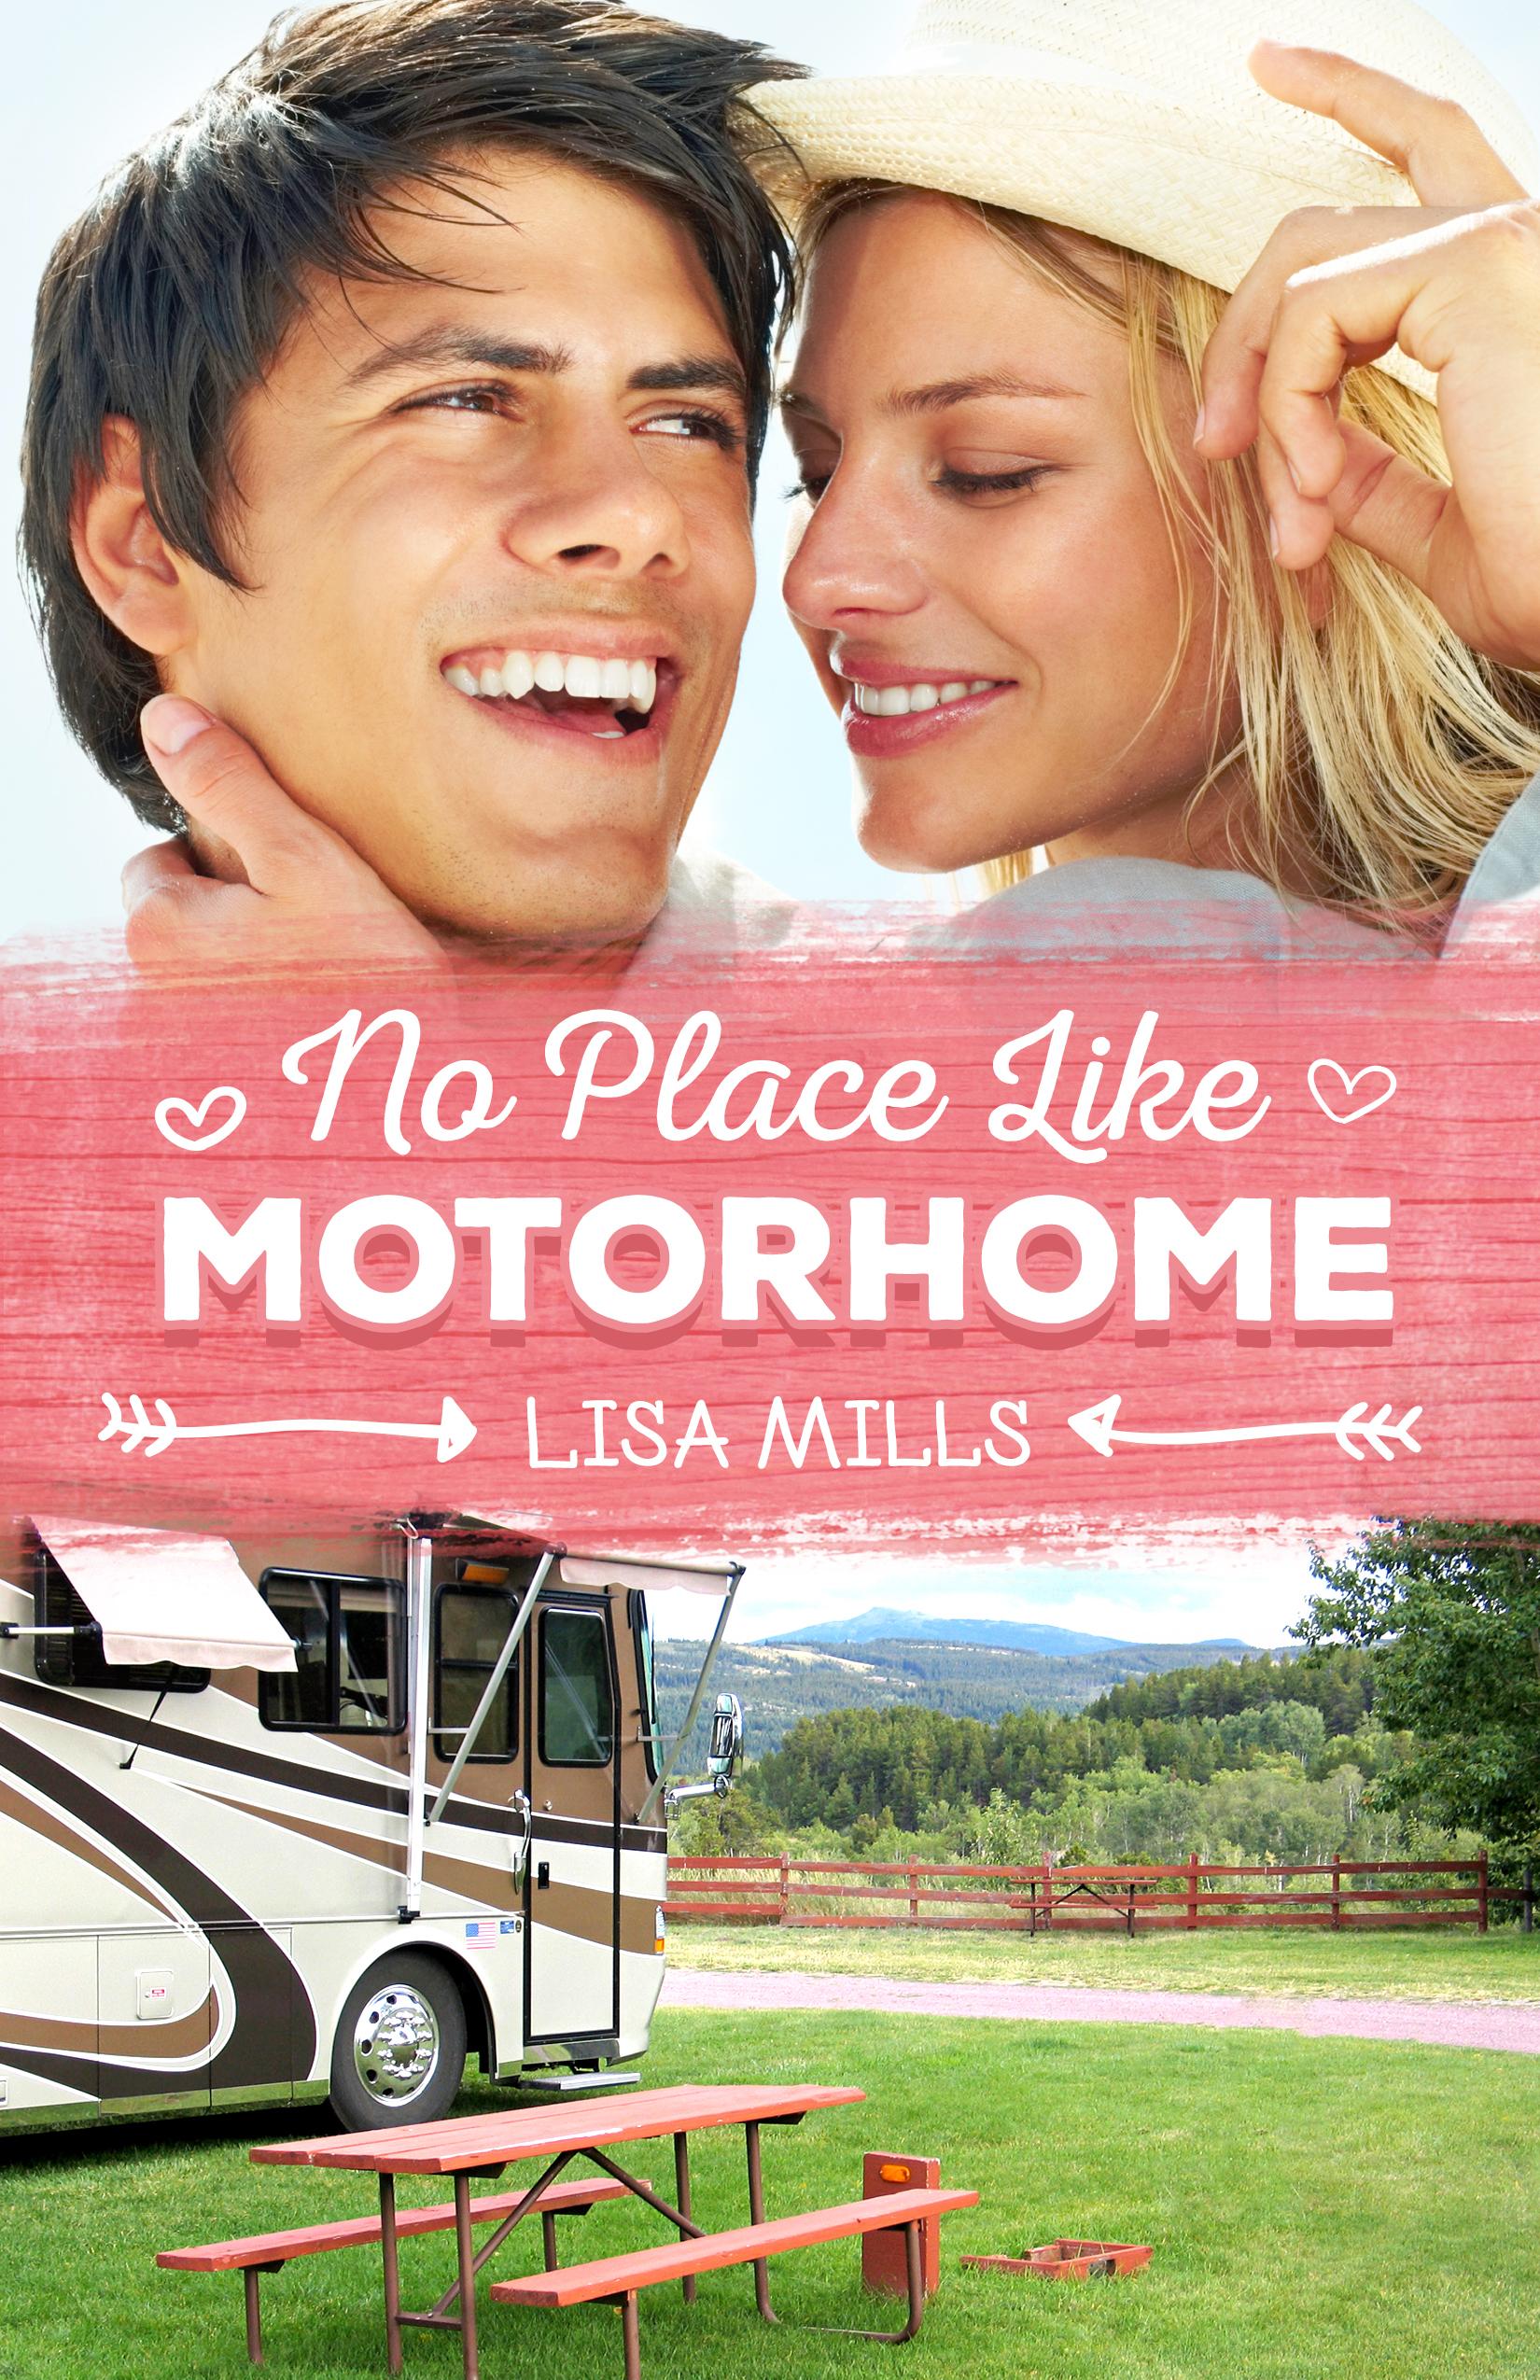 No Place Like Motorhome Lisa Mills